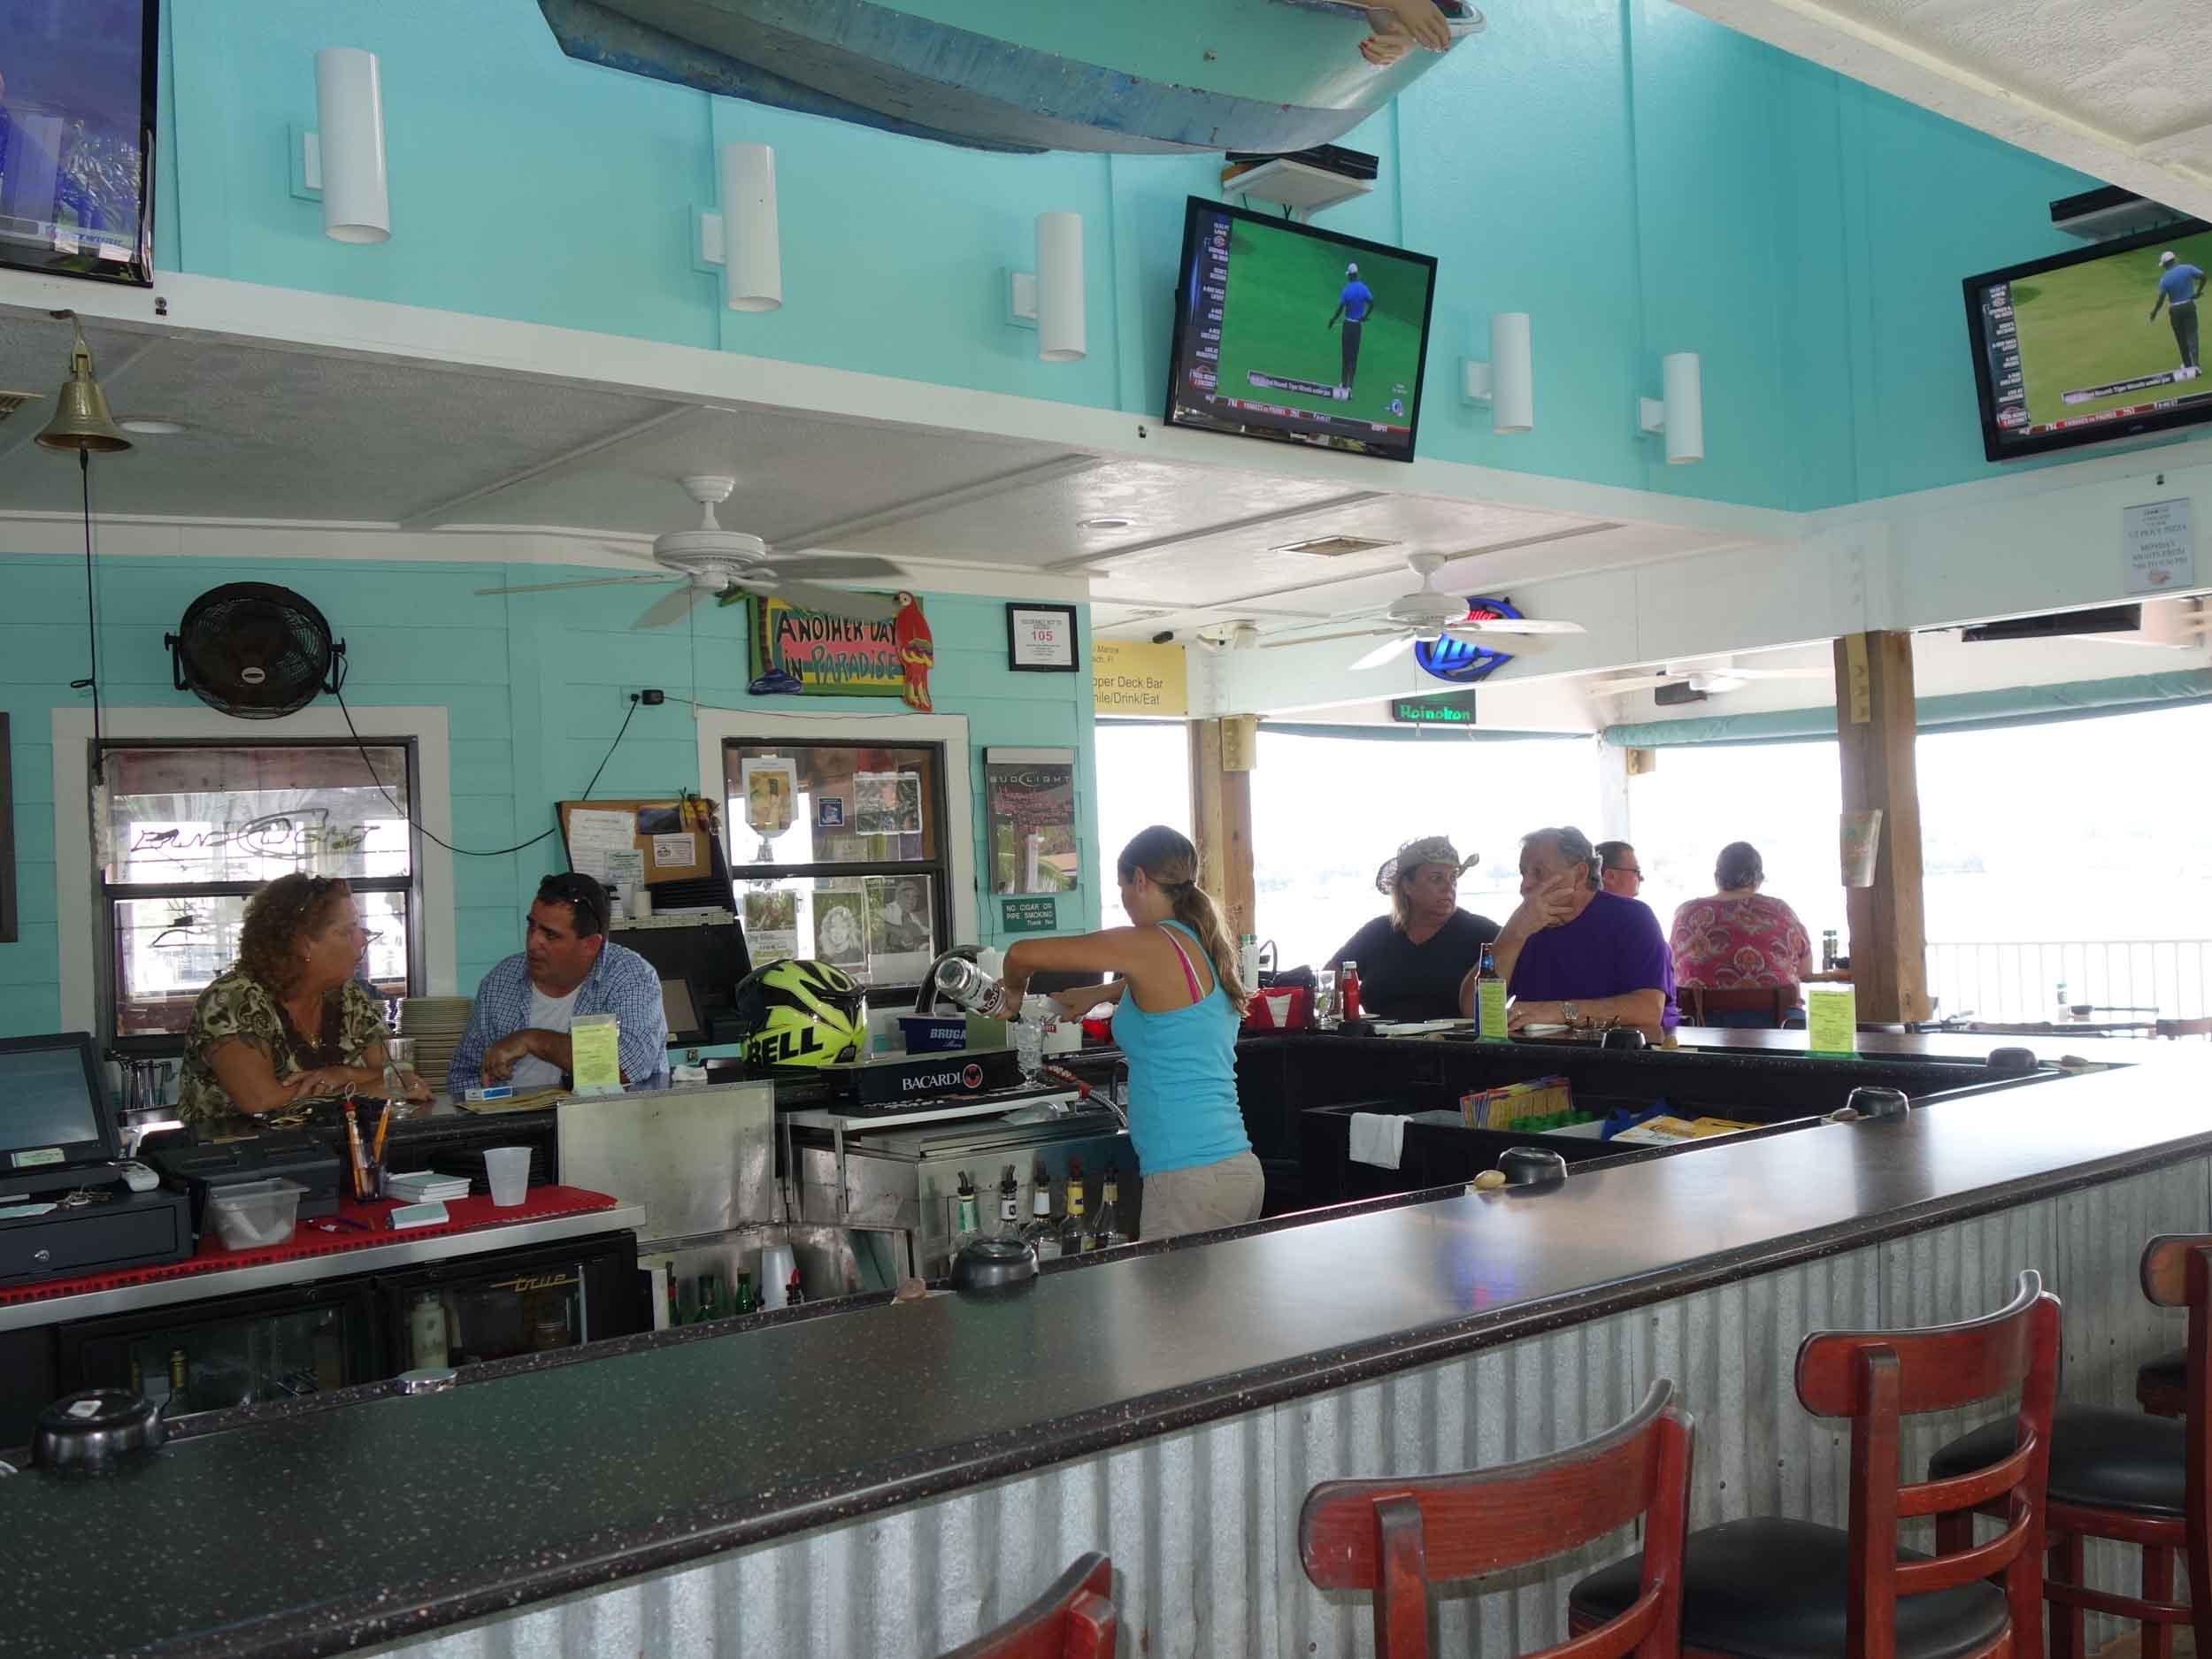 Petey's Upper Deck Bar Area